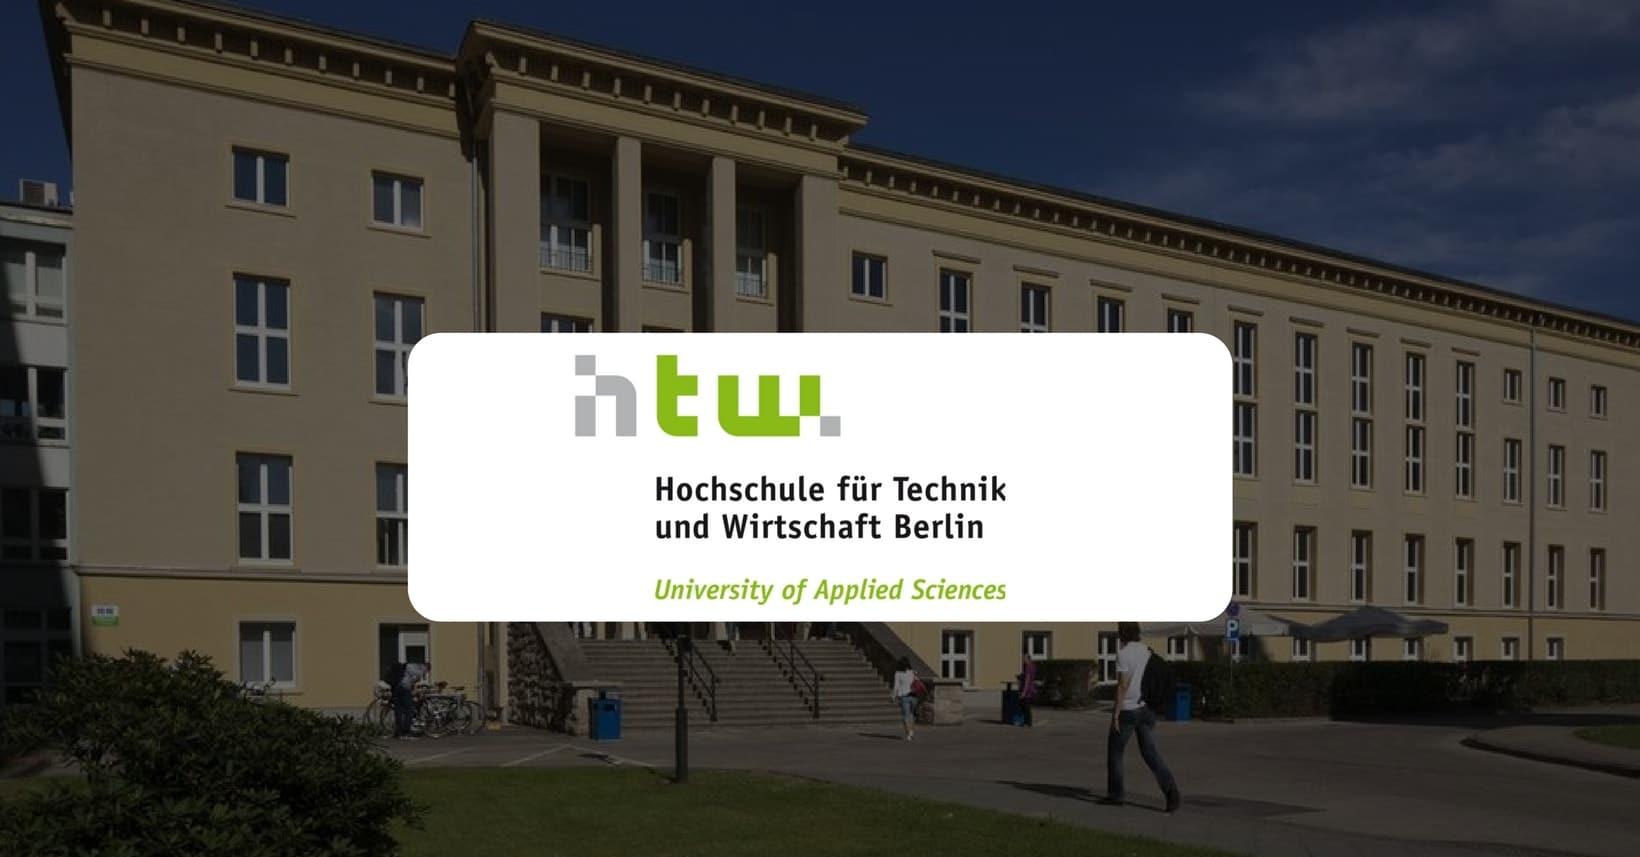 Nc Bwl Berlin